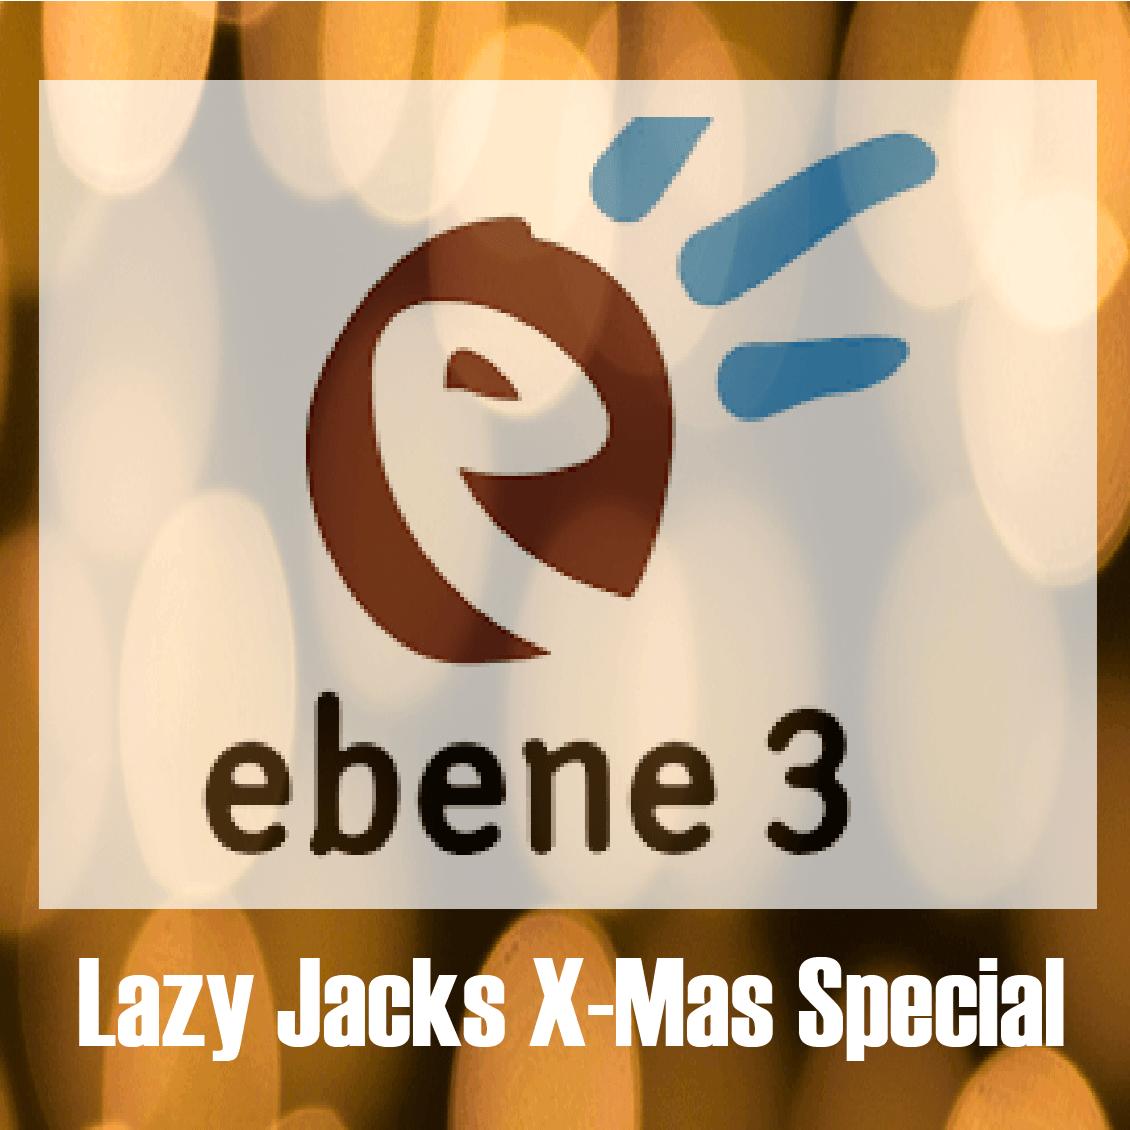 Lazy Jacks X-Mas Special